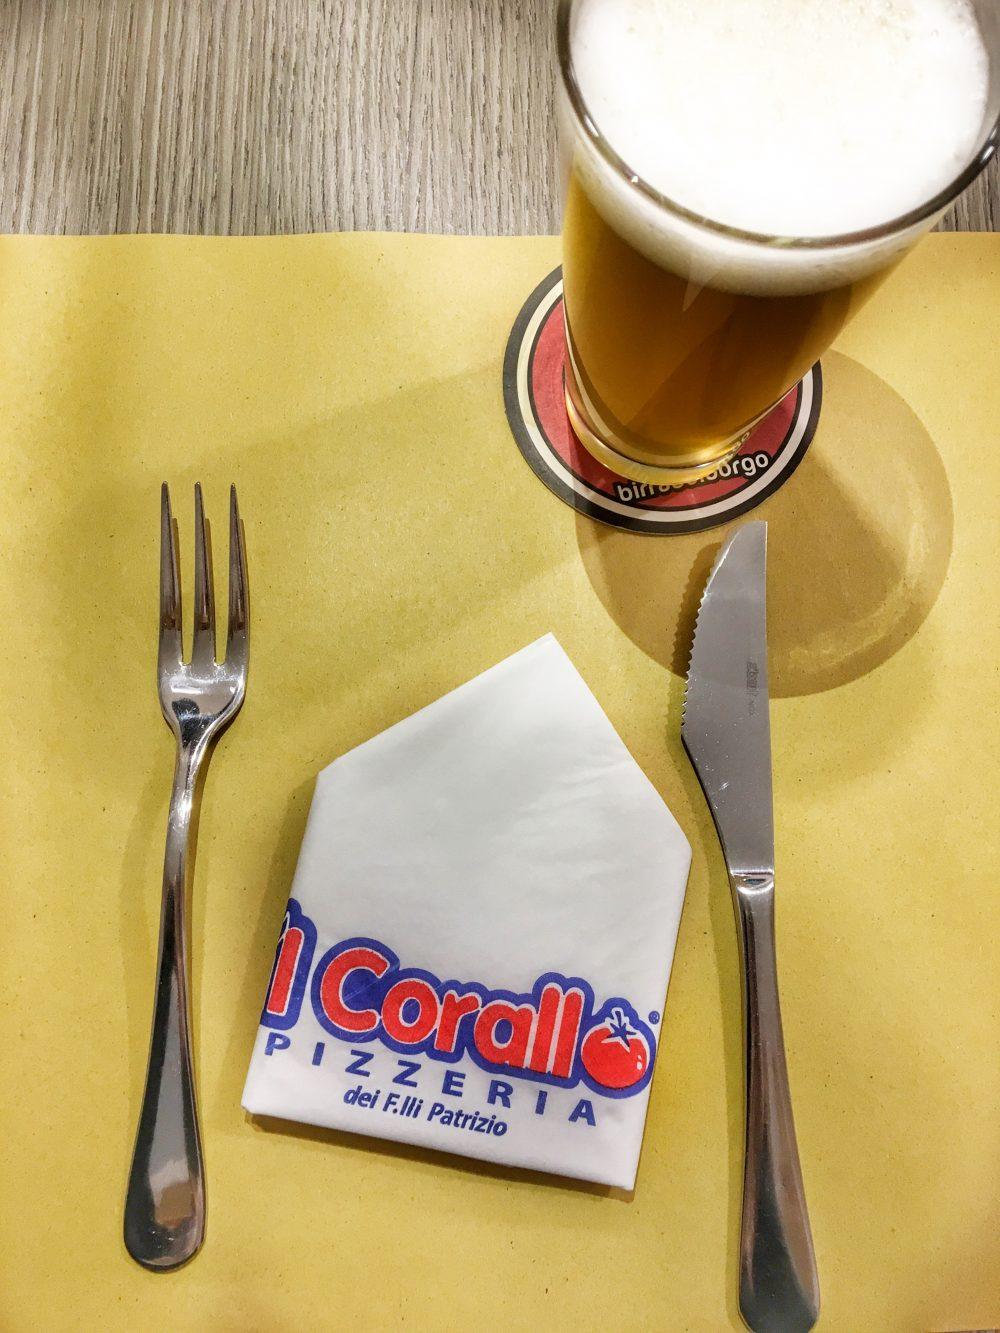 Il Corallo - La mise en place